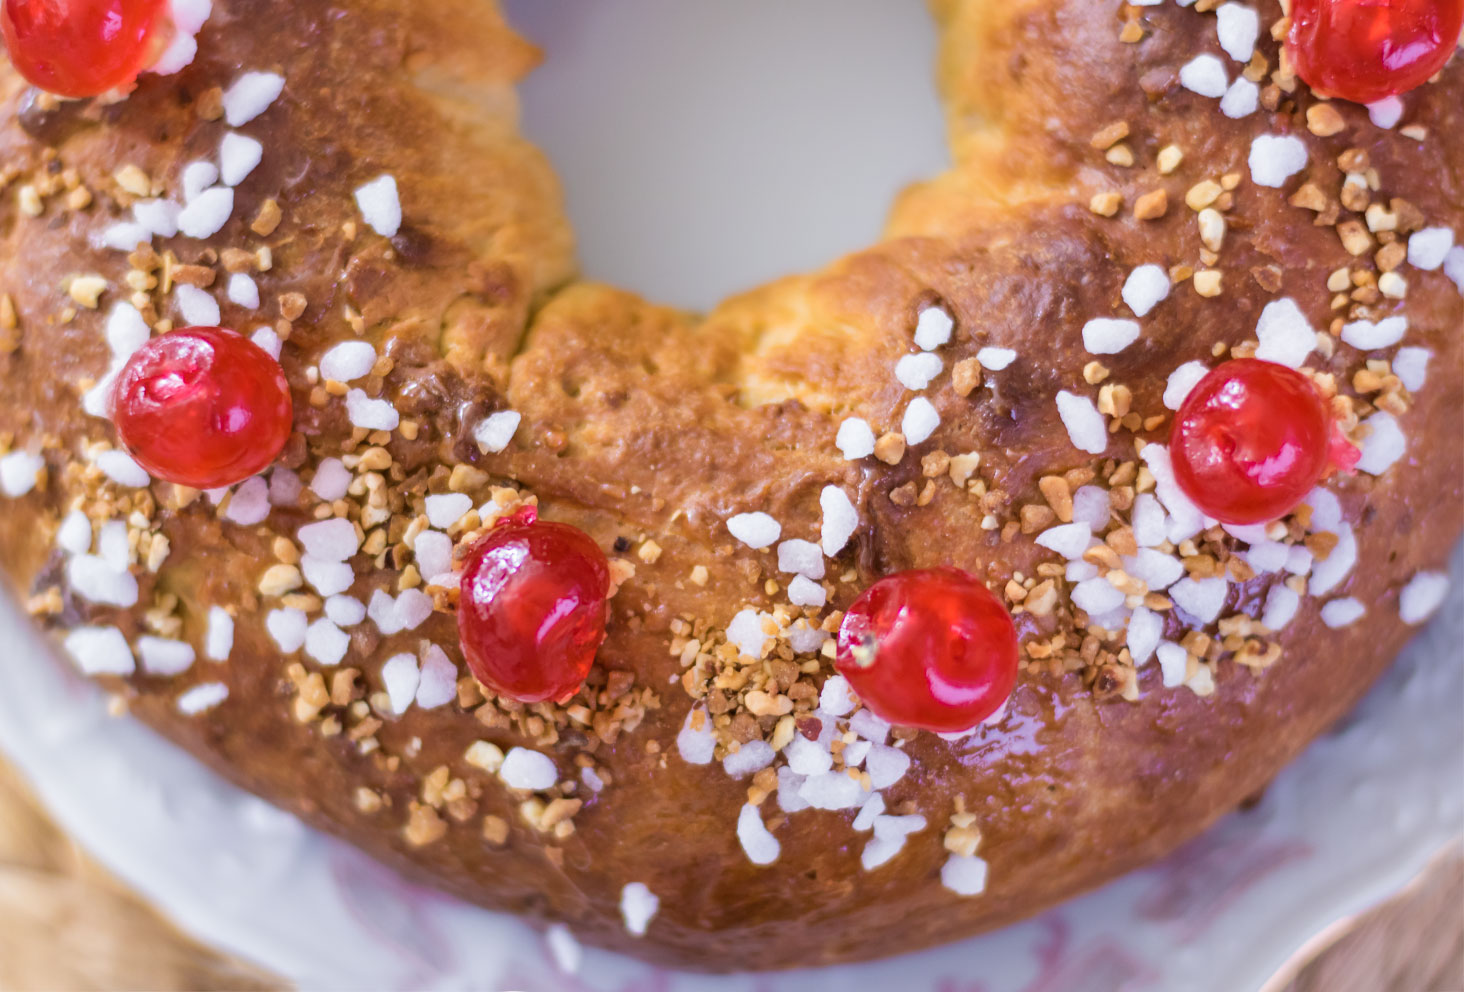 Zoom sur le dessus de la couronne des rois au beurre de cacahuètes avec ses éclats de pralin, ses perles de sucre et ses cerises confites